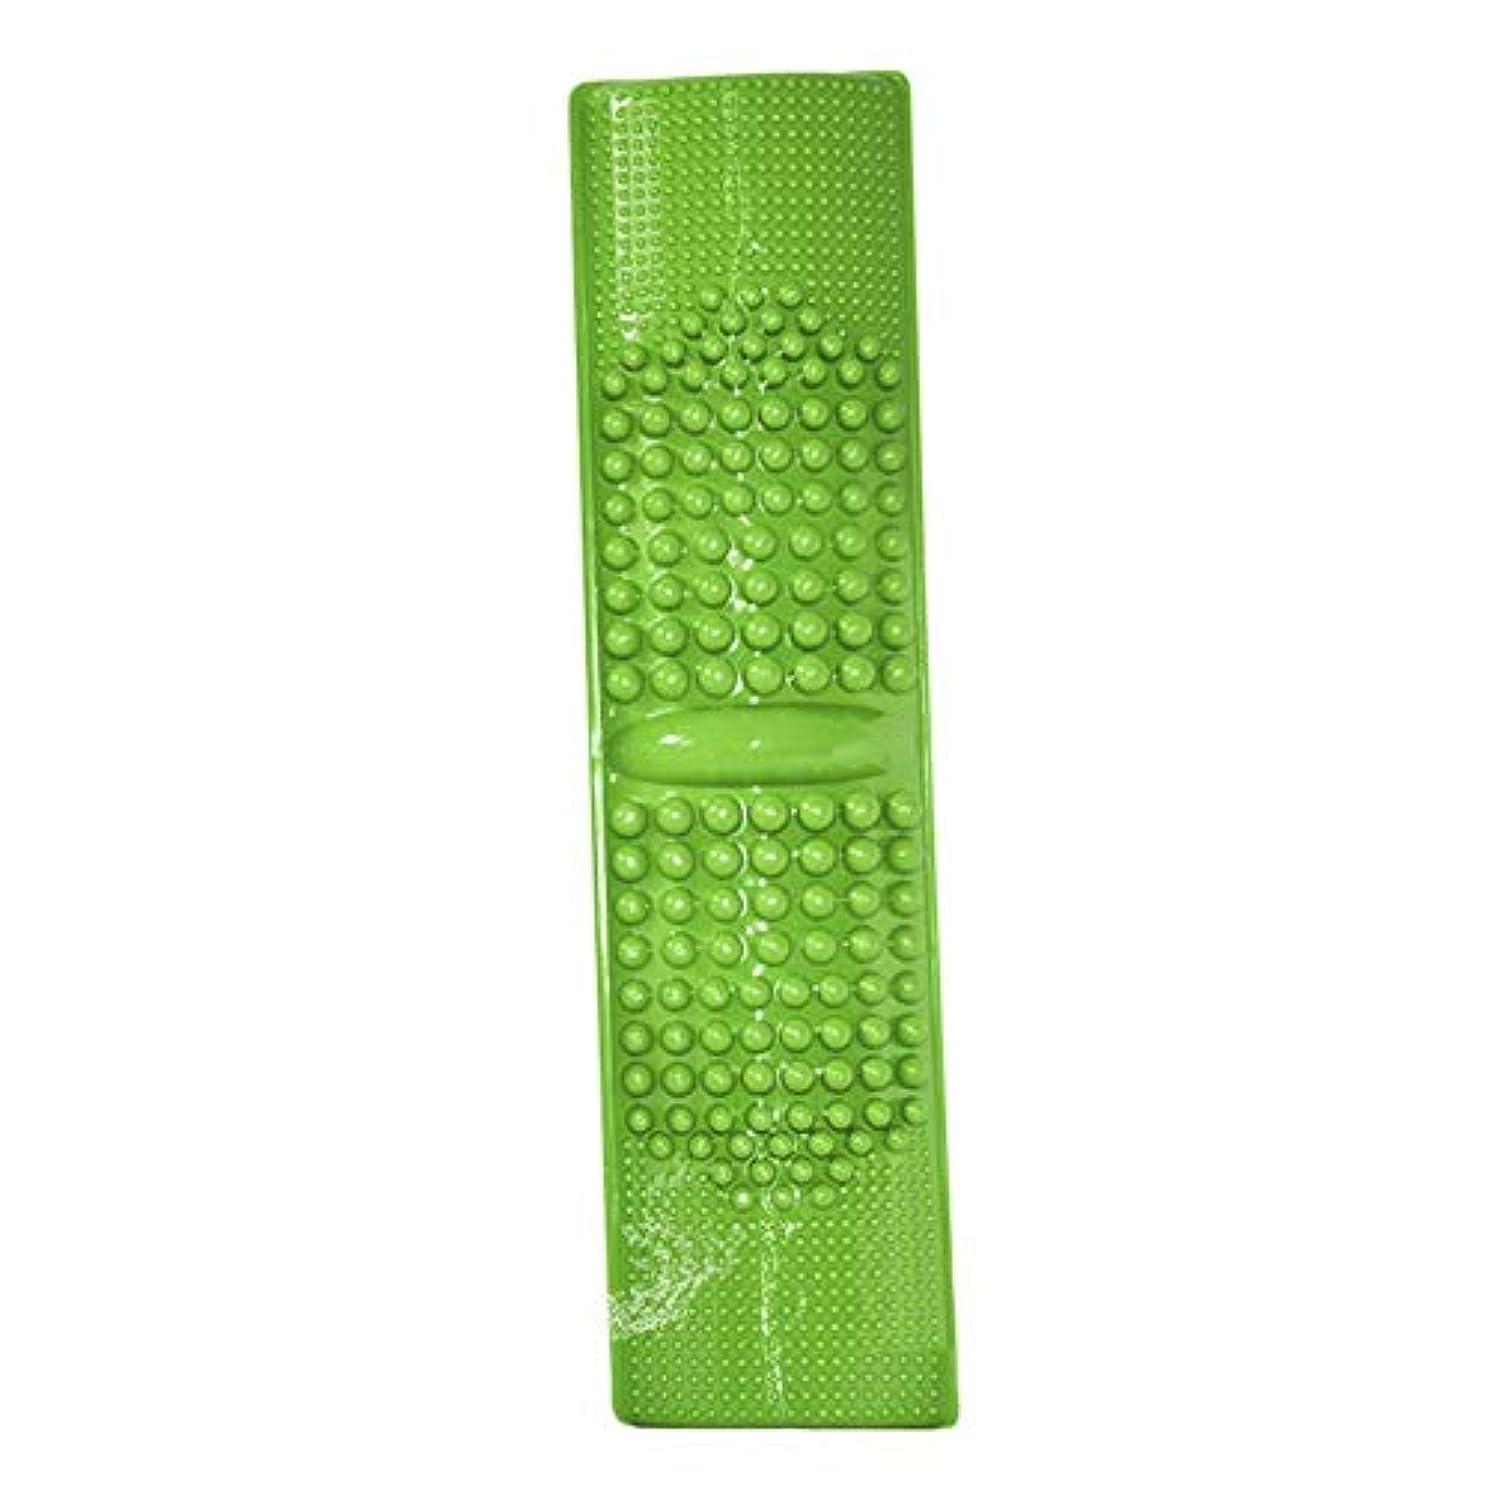 橋特異なアナロジーLUERME 簡単に健康維持 BIGサイズ 足つぼマッサージ 【足つぼ対応表付き】 足 踏み 足裏 刺激 血行促進